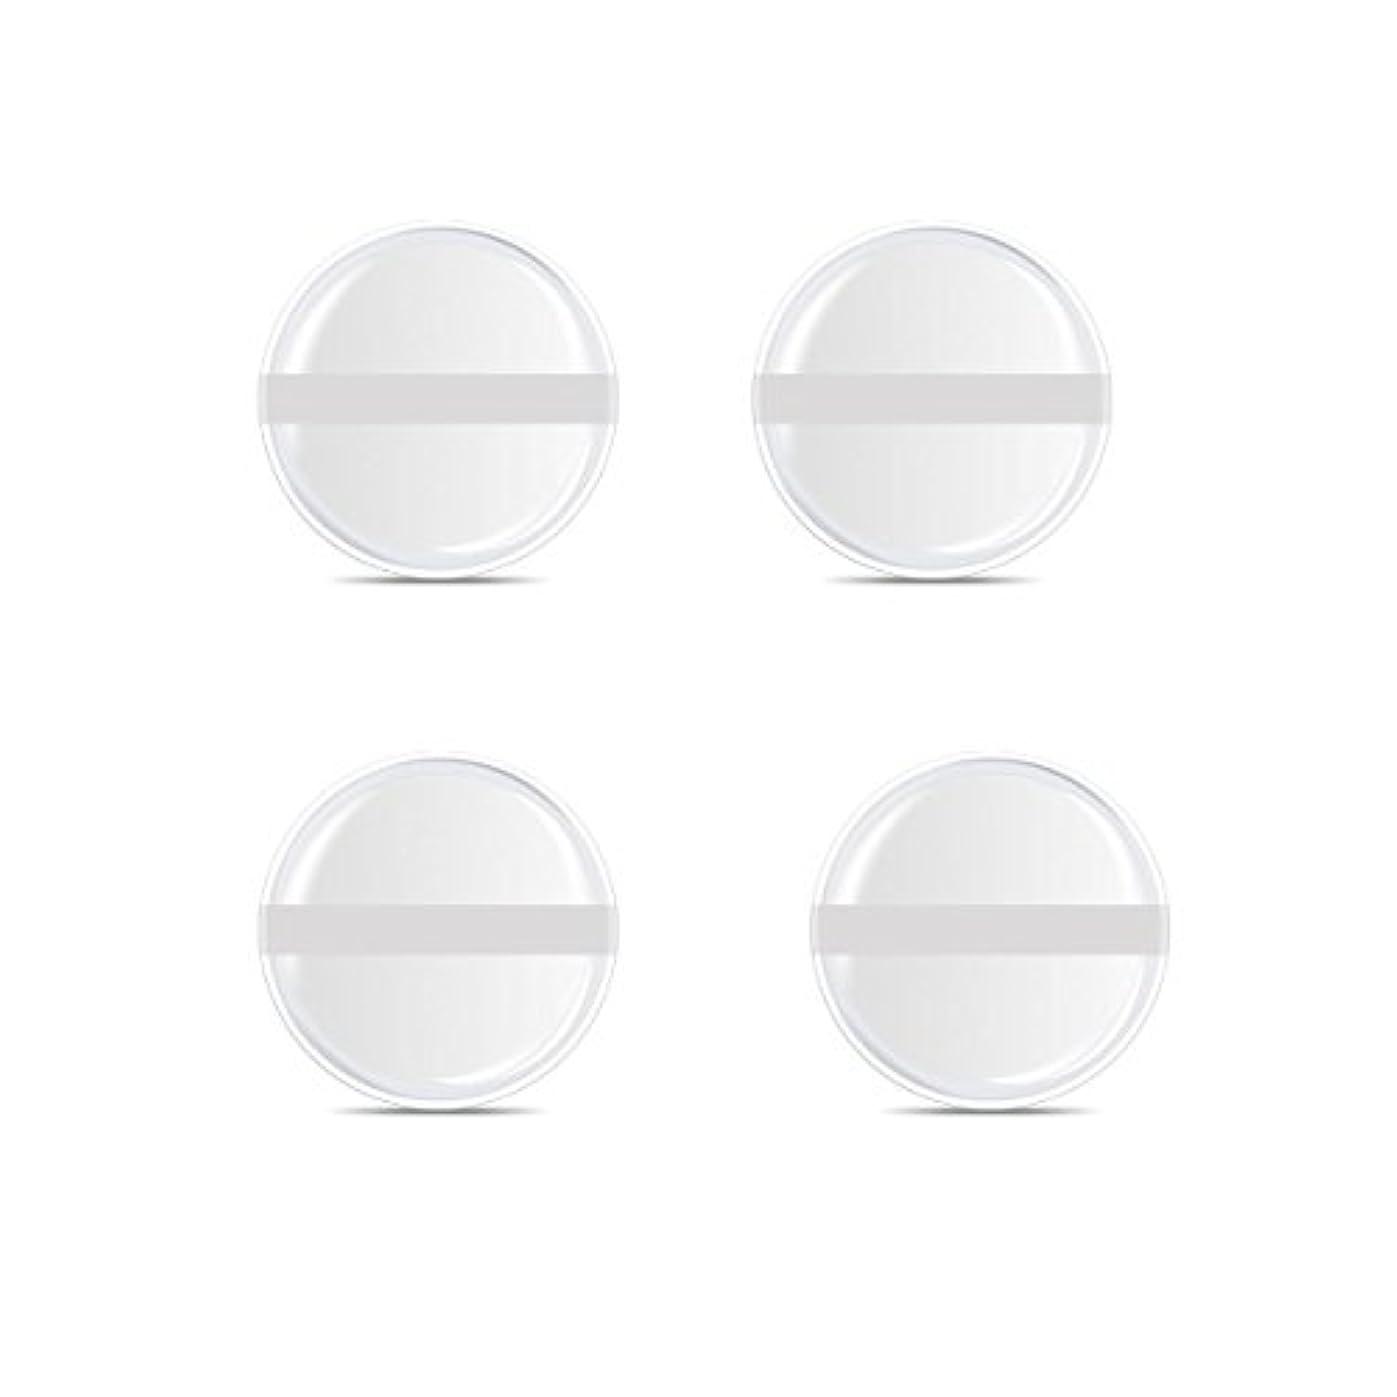 逆に知的注入するシリコンパフ 帯付き メイクスポンジ ゲルパフ ゼリーパフ 清潔しやすい衛生 柔らかく 透明な 4枚入 (円形 4入り)